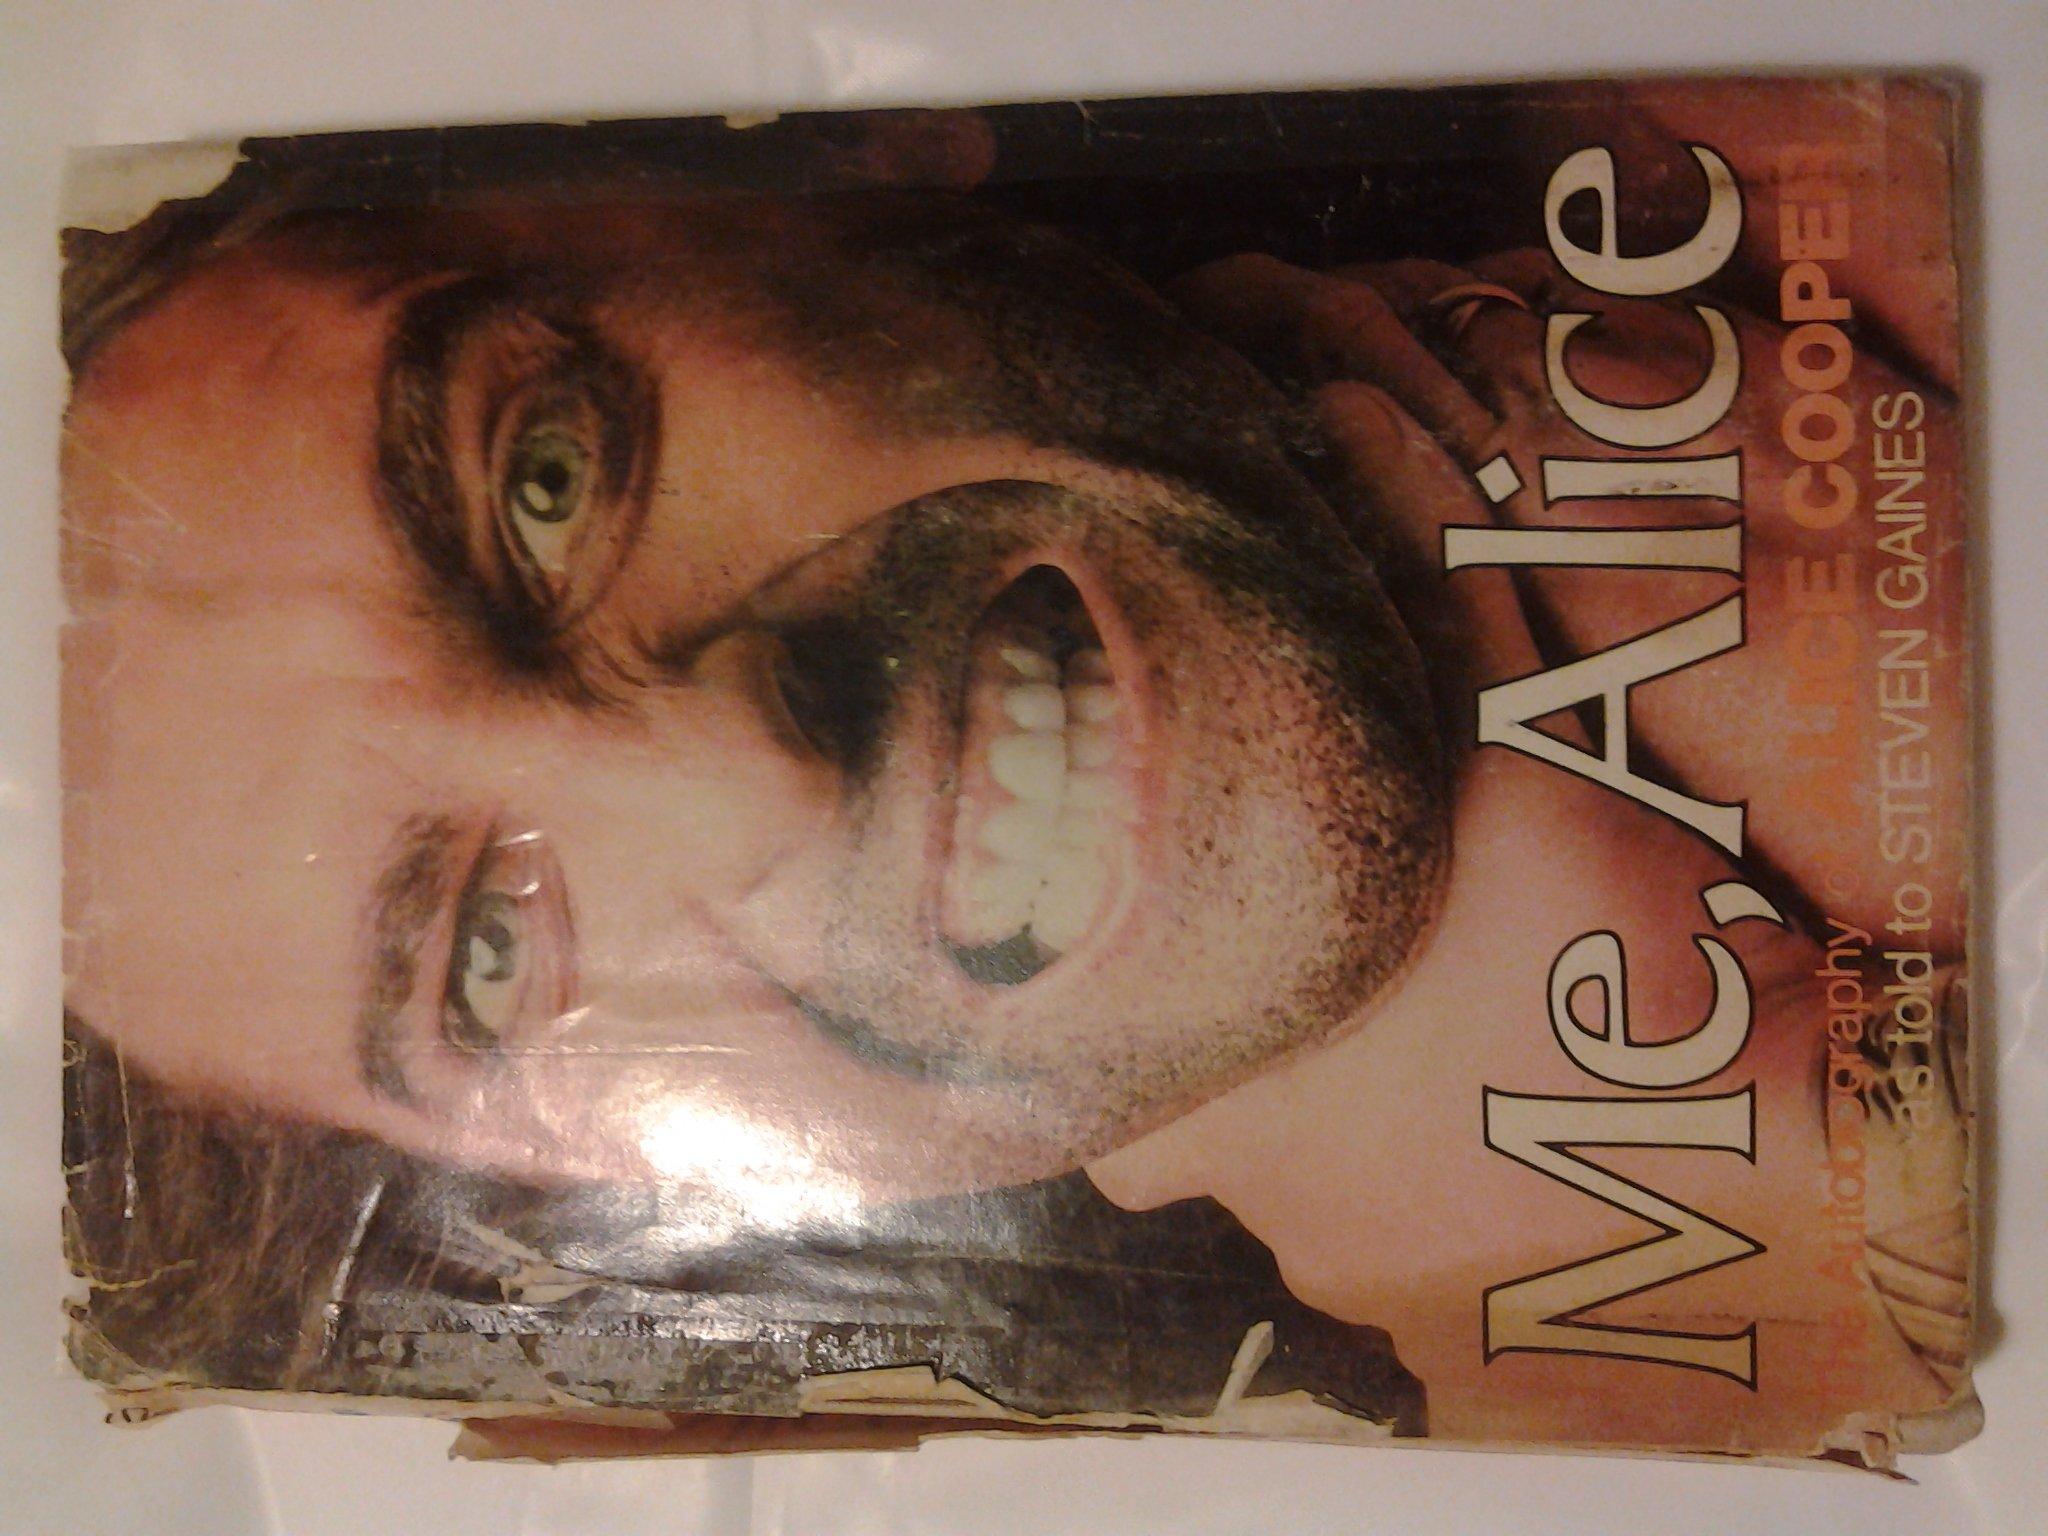 f8c805e6ecf2e Me, Alice: The Autobiography of Alice Cooper: Alice Cooper, Steven ...